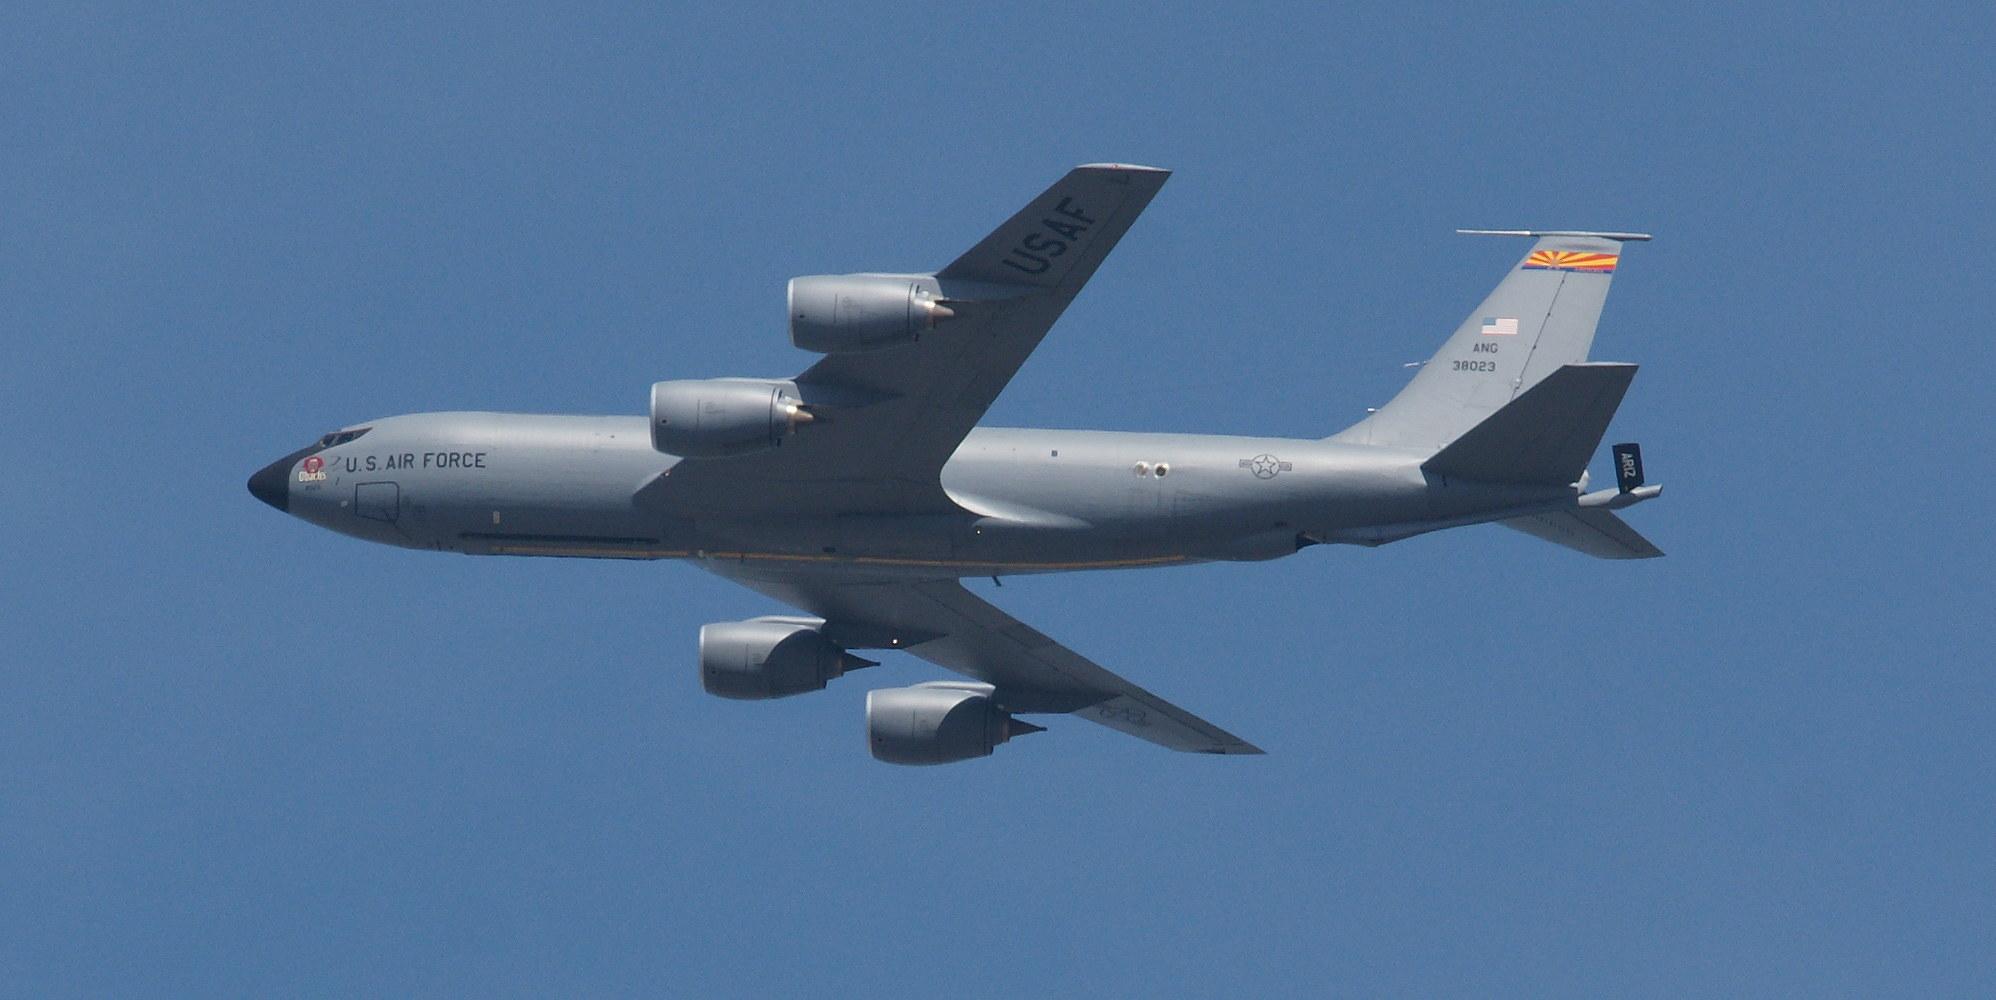 Boeing KC-135 Stratotanker